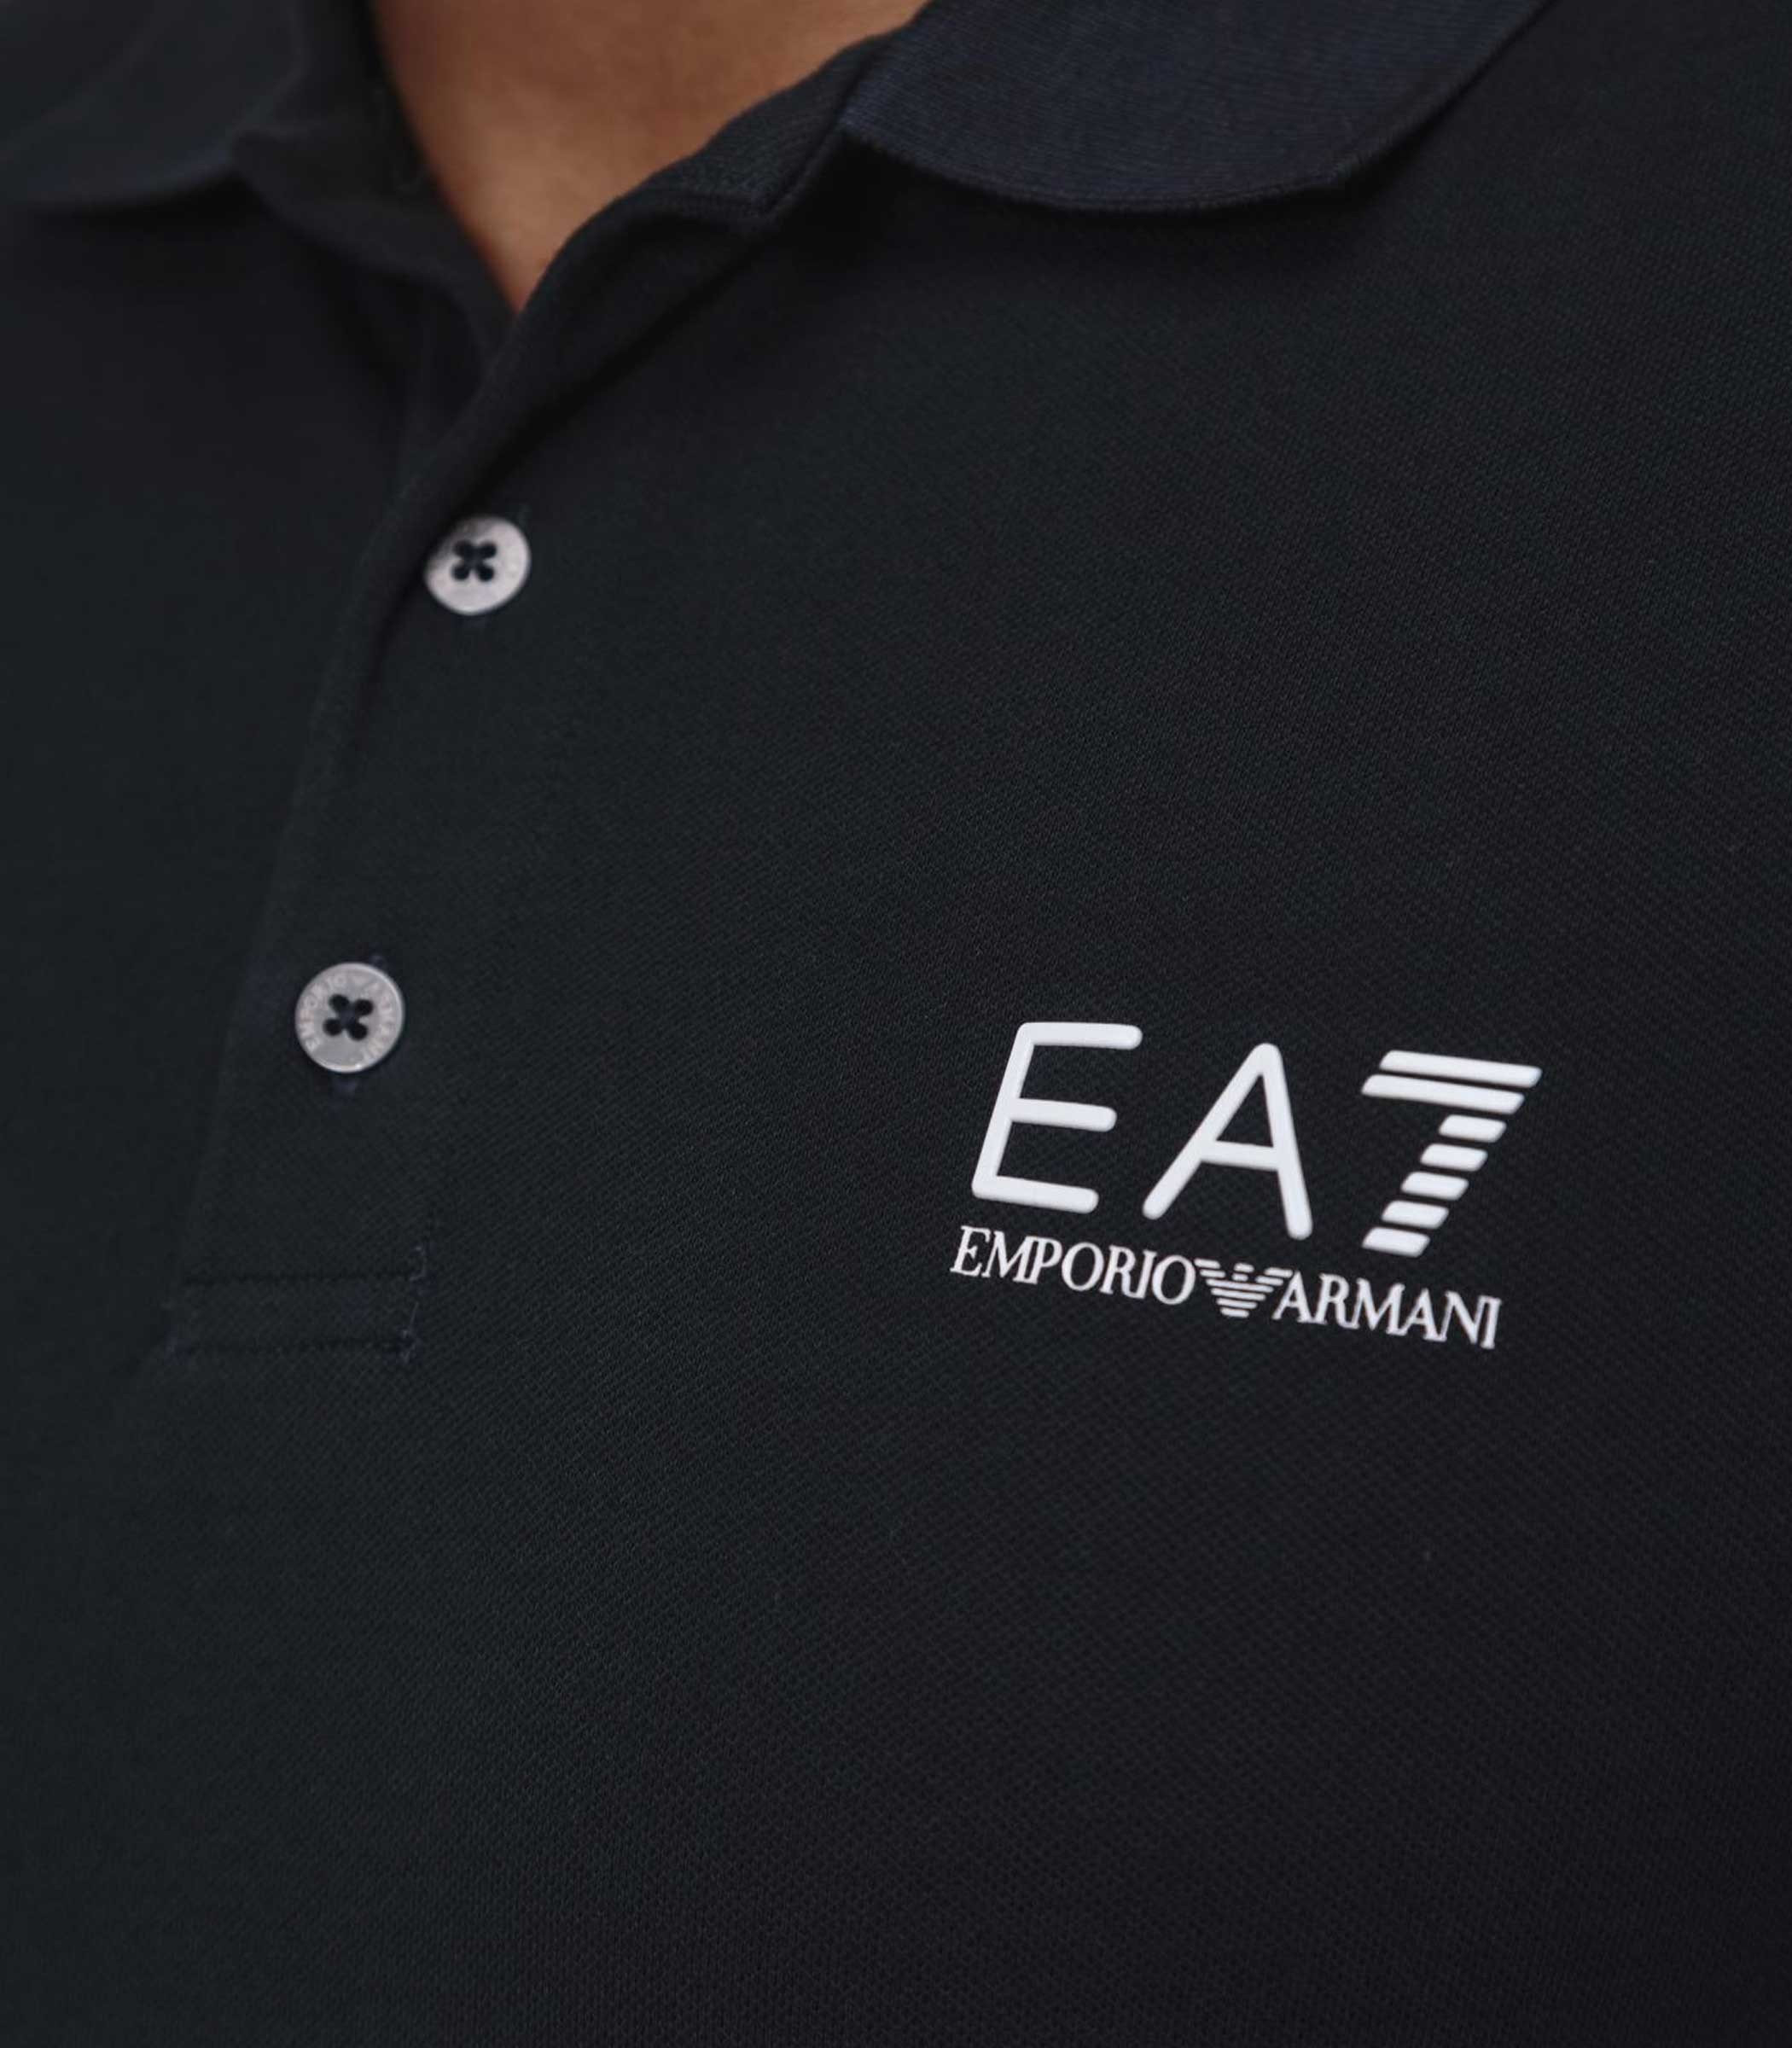 9ac6375d5a180a Polo Emporio Armani EA7 in jersey di cotone da uomo rif. 3GPF52 PJ04Z